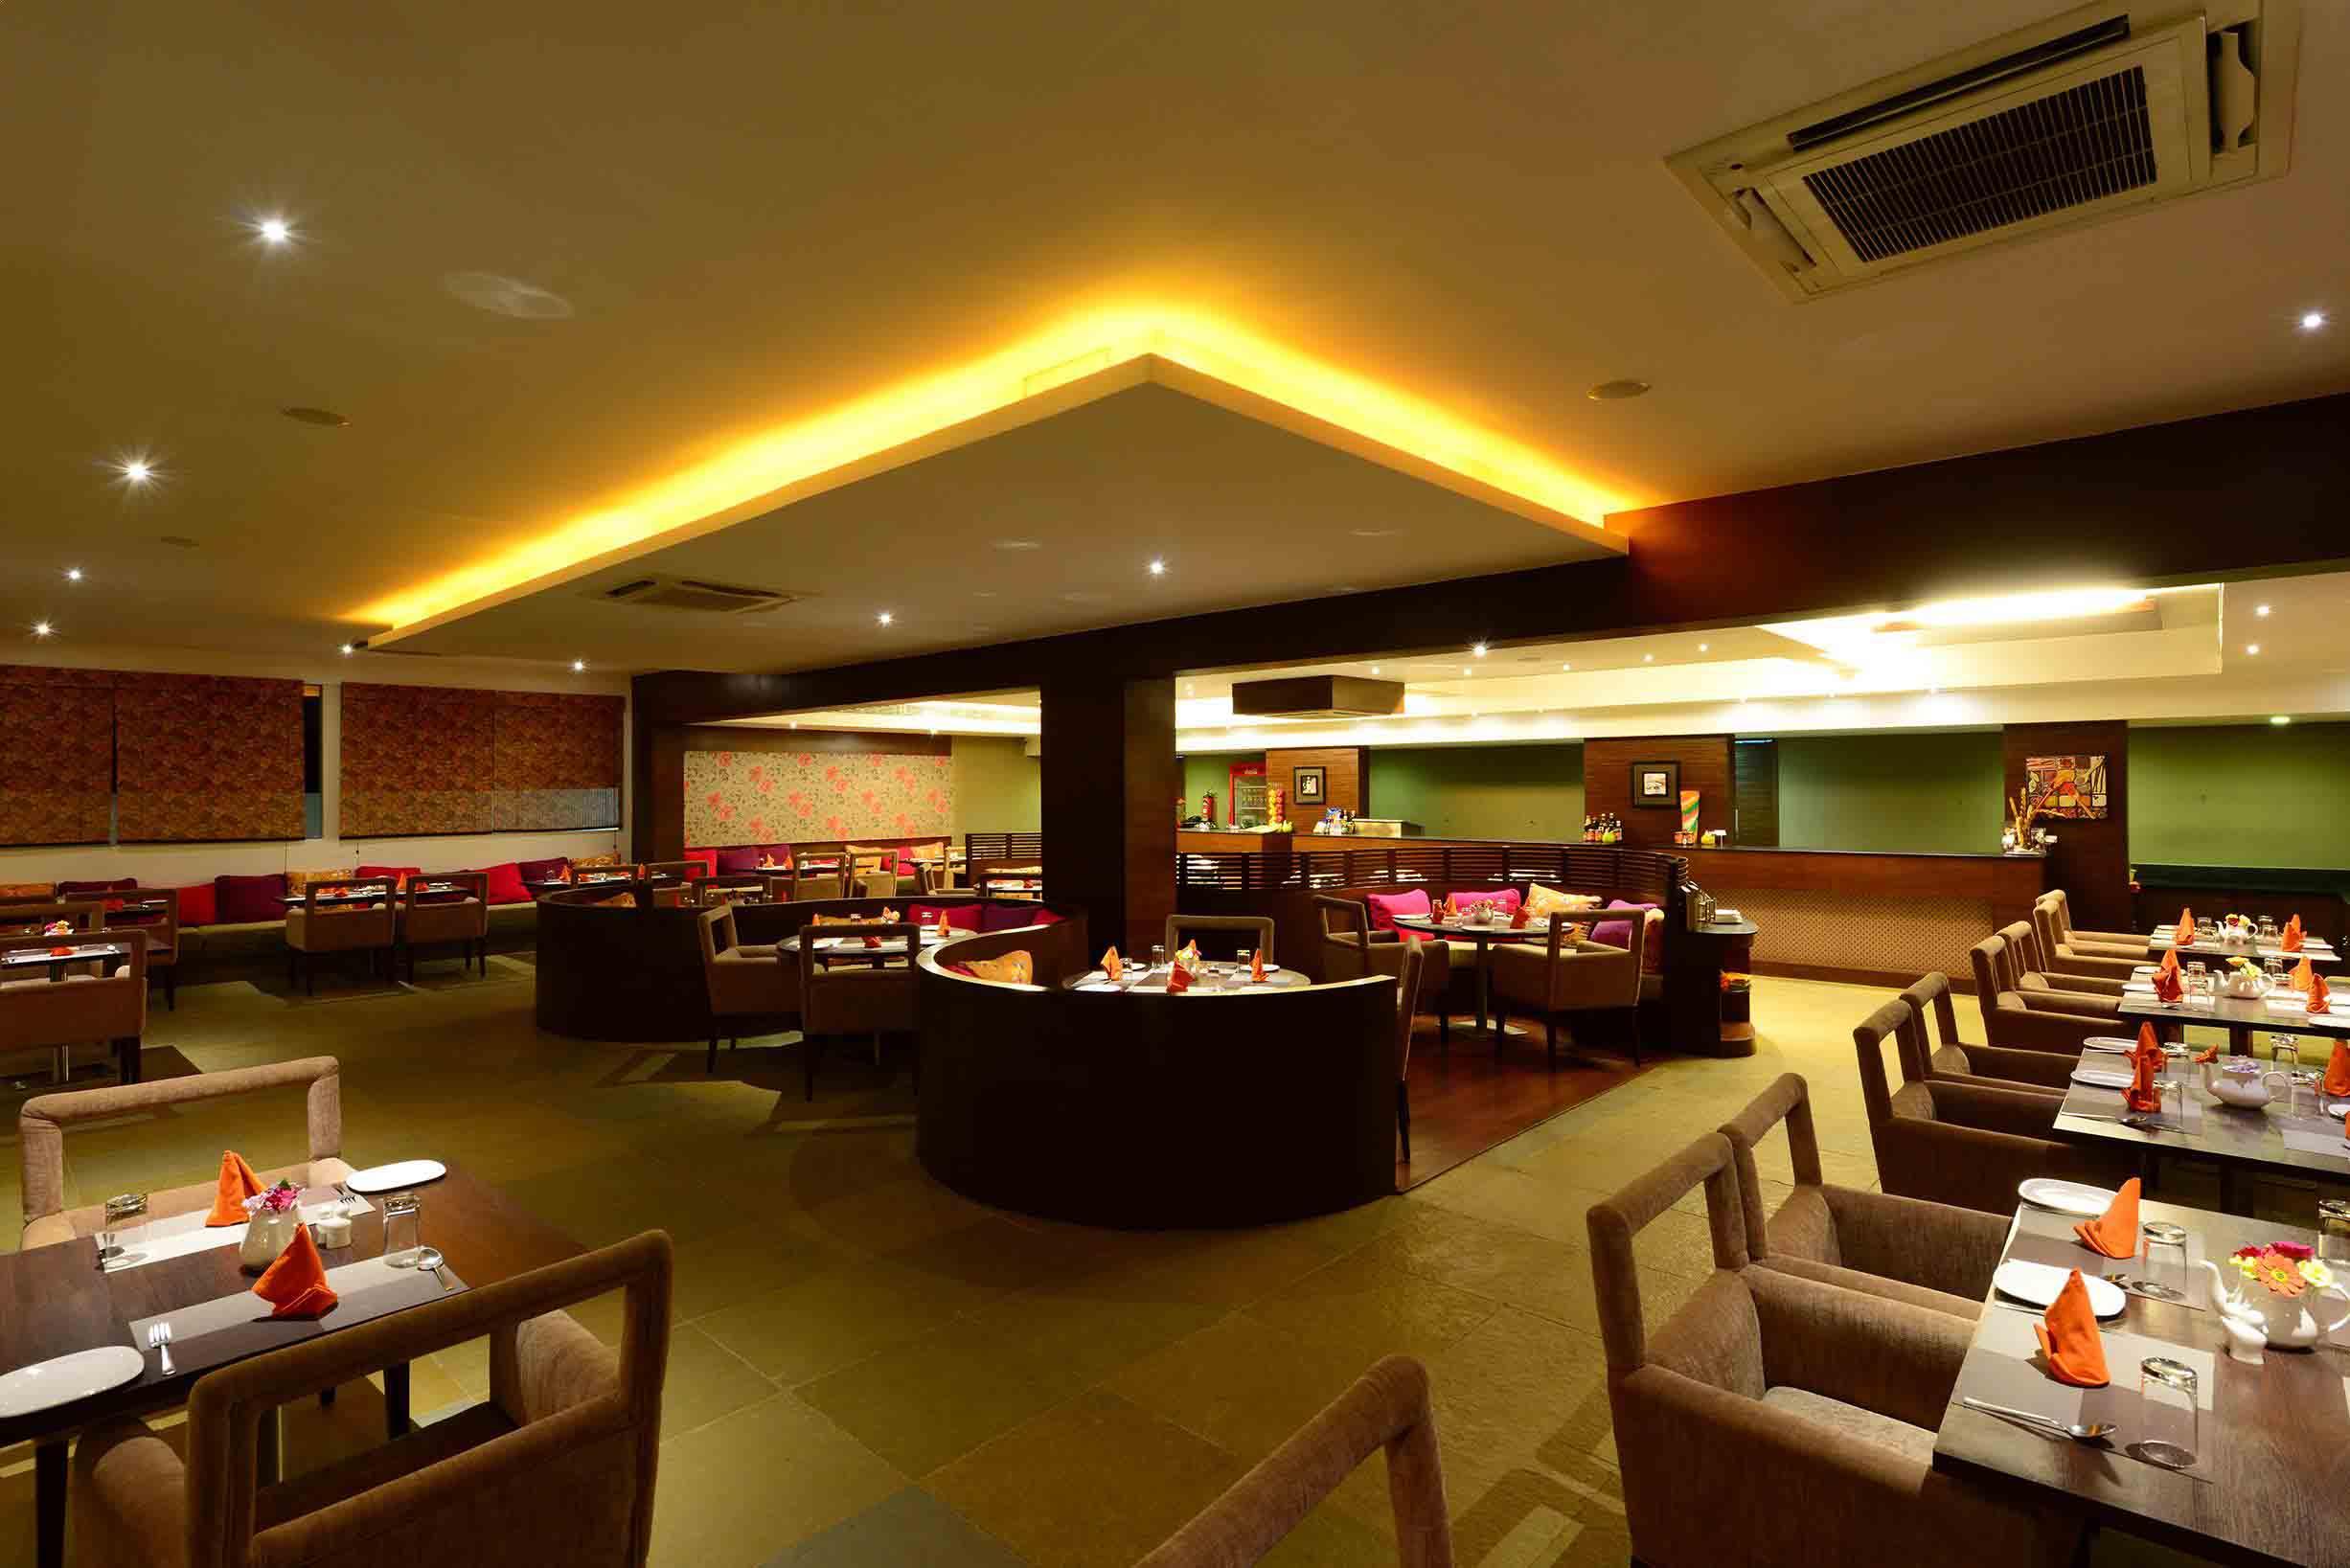 Fiesta Restaurant Interior 2-1, Palm Exotica